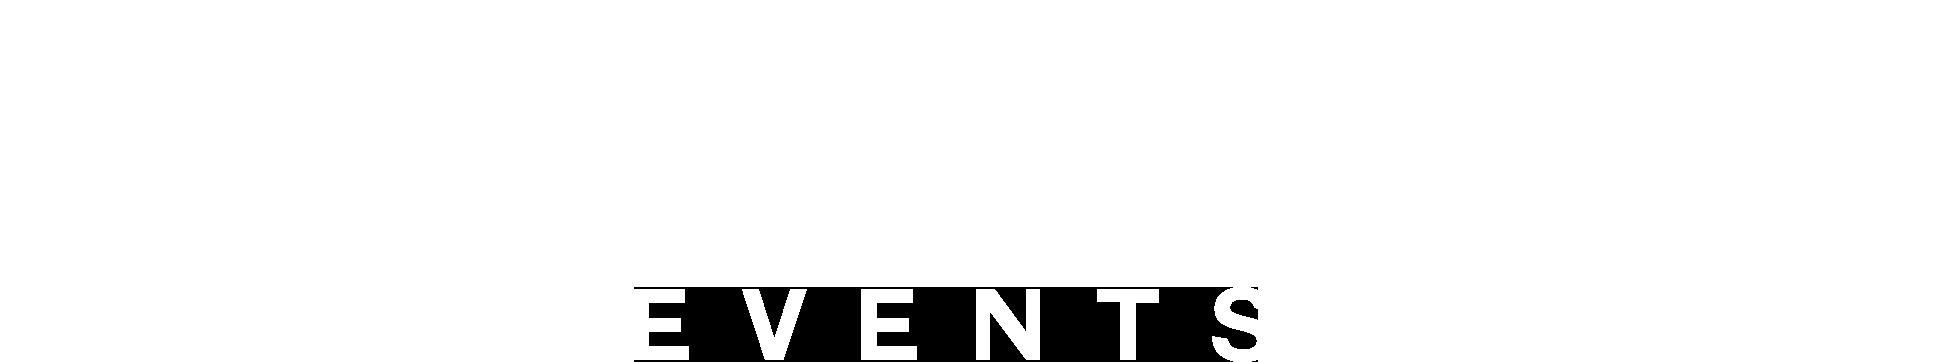 Nachtaktiv Events